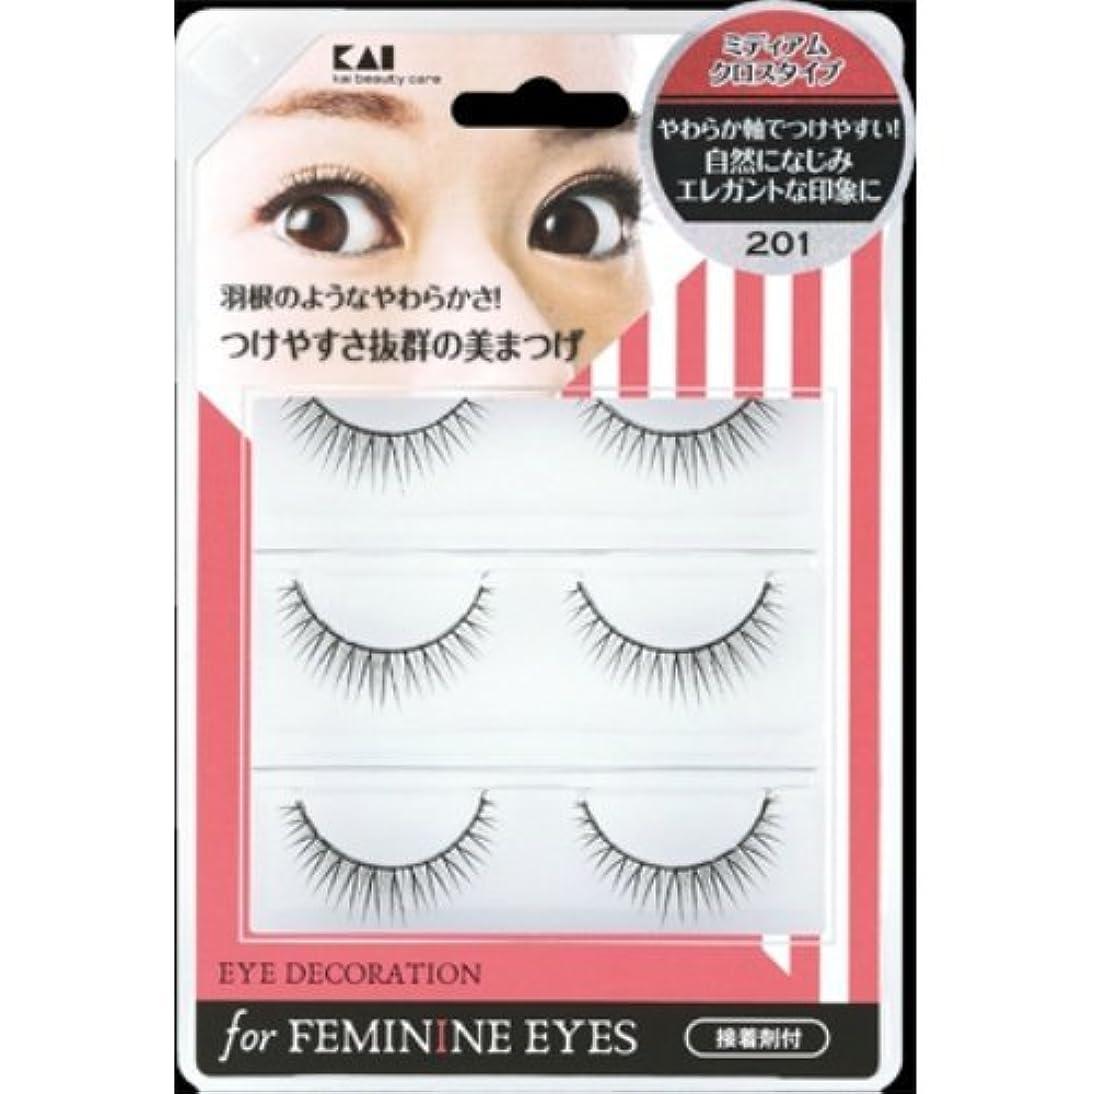 満足させるの面ではボット貝印 アイデコレーション for feminine eyes 201 HC1558